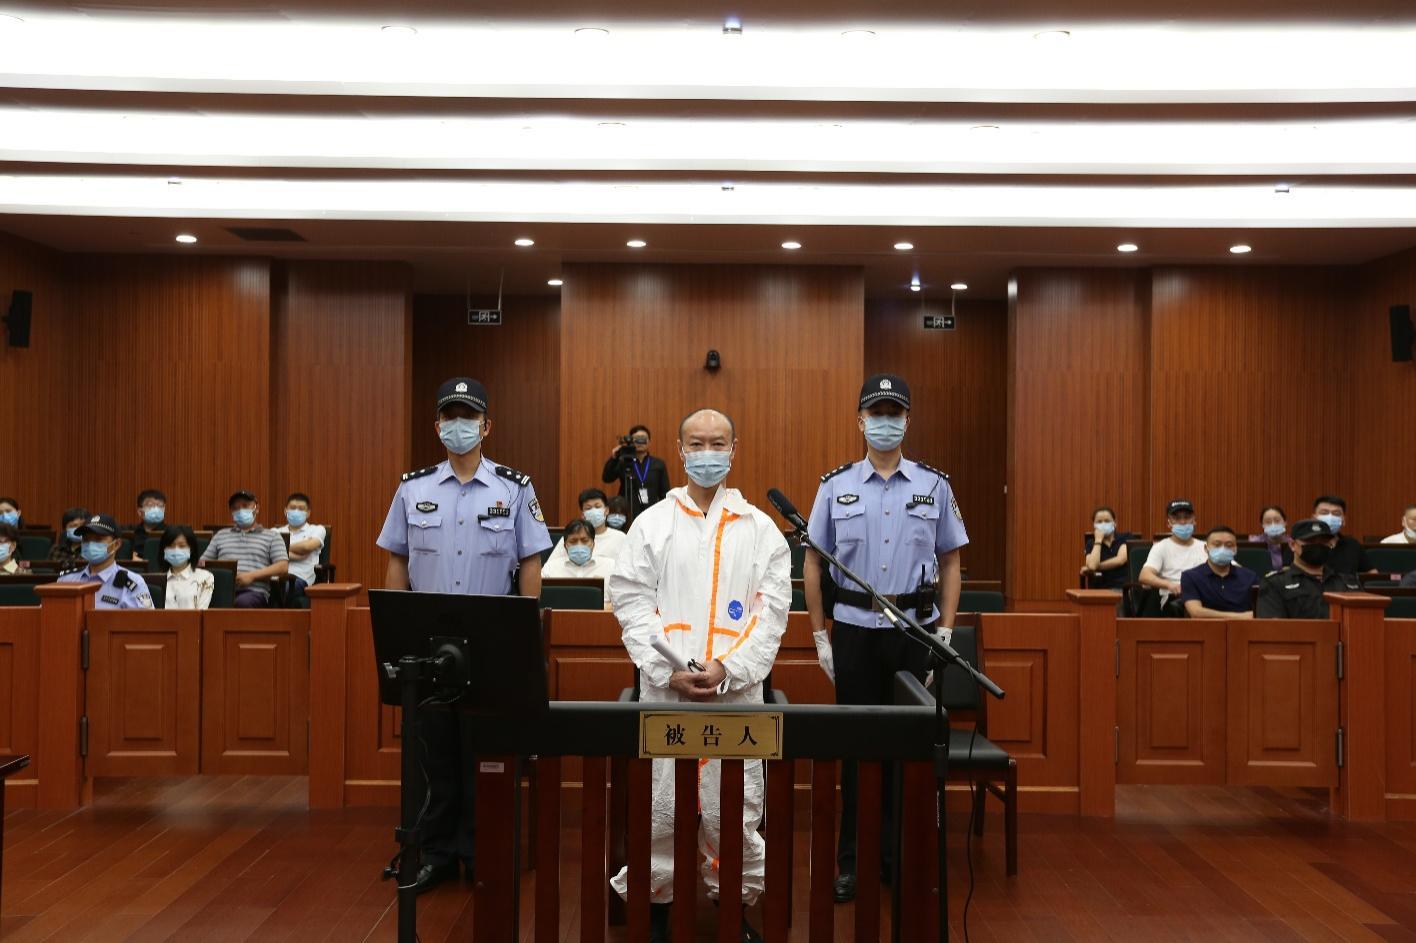 杭州杀妻分尸案开庭:被告人提出做精神鉴定被驳回